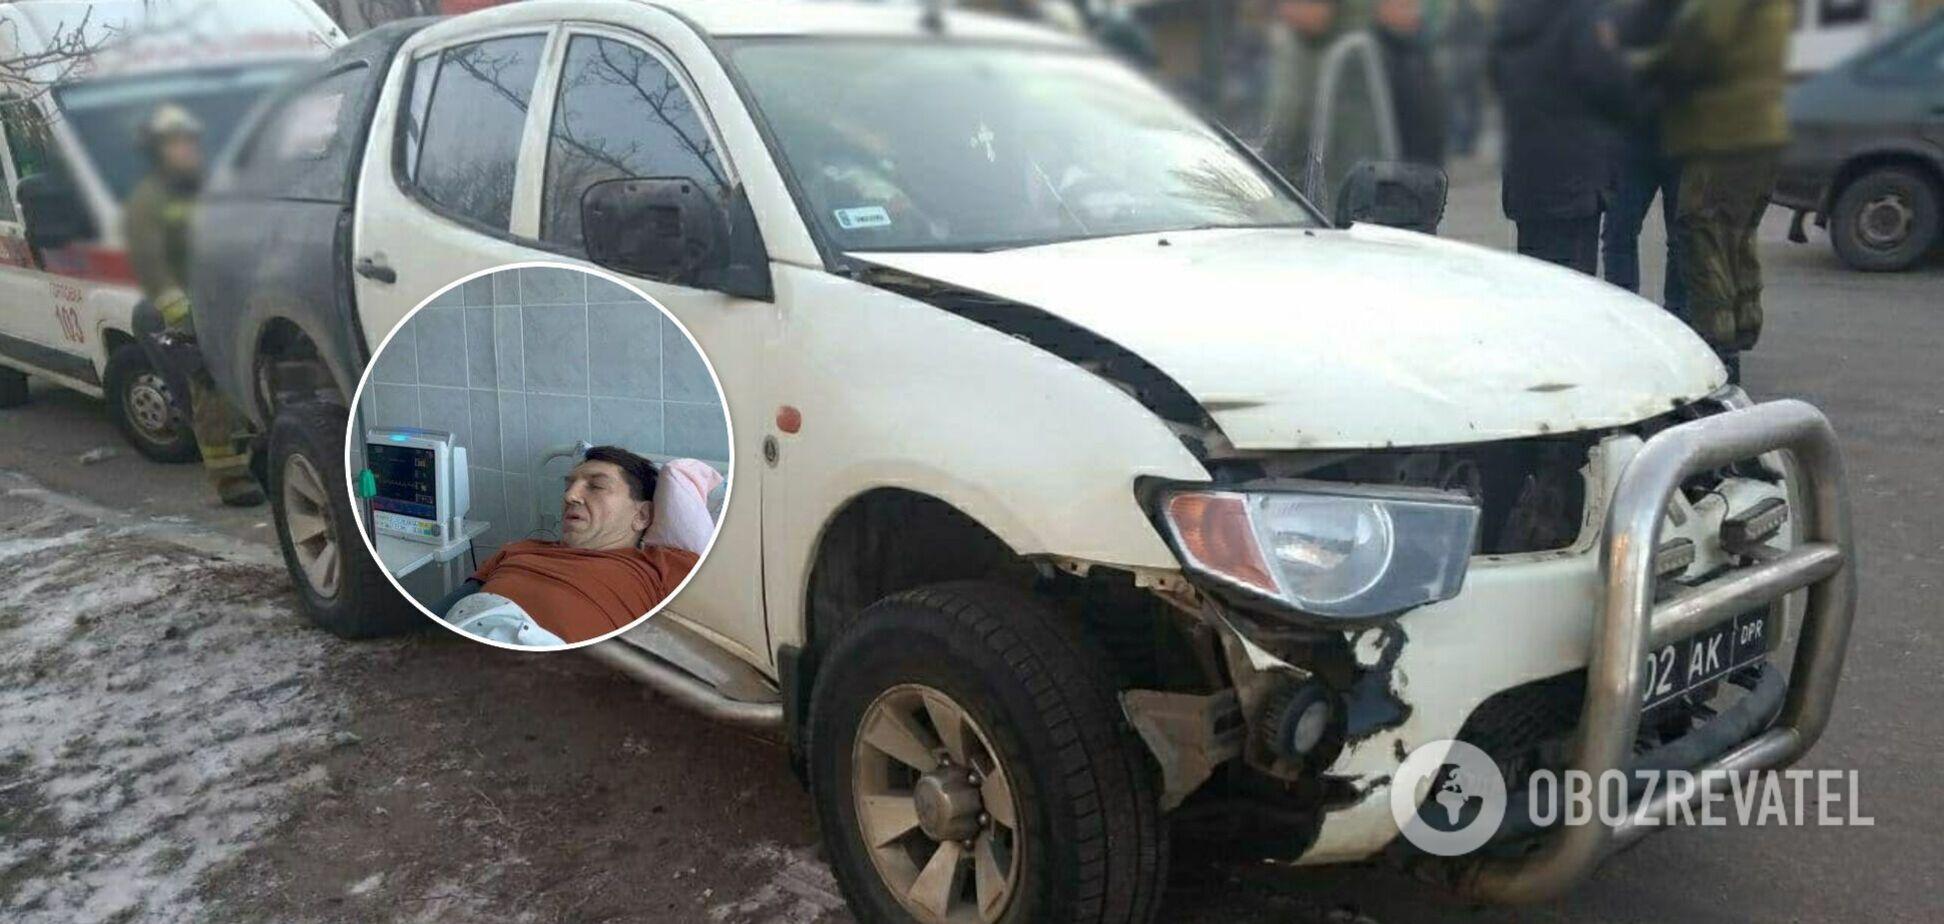 Появилось фото из больницы одного из главарей 'ДНР', которого подорвали в авто